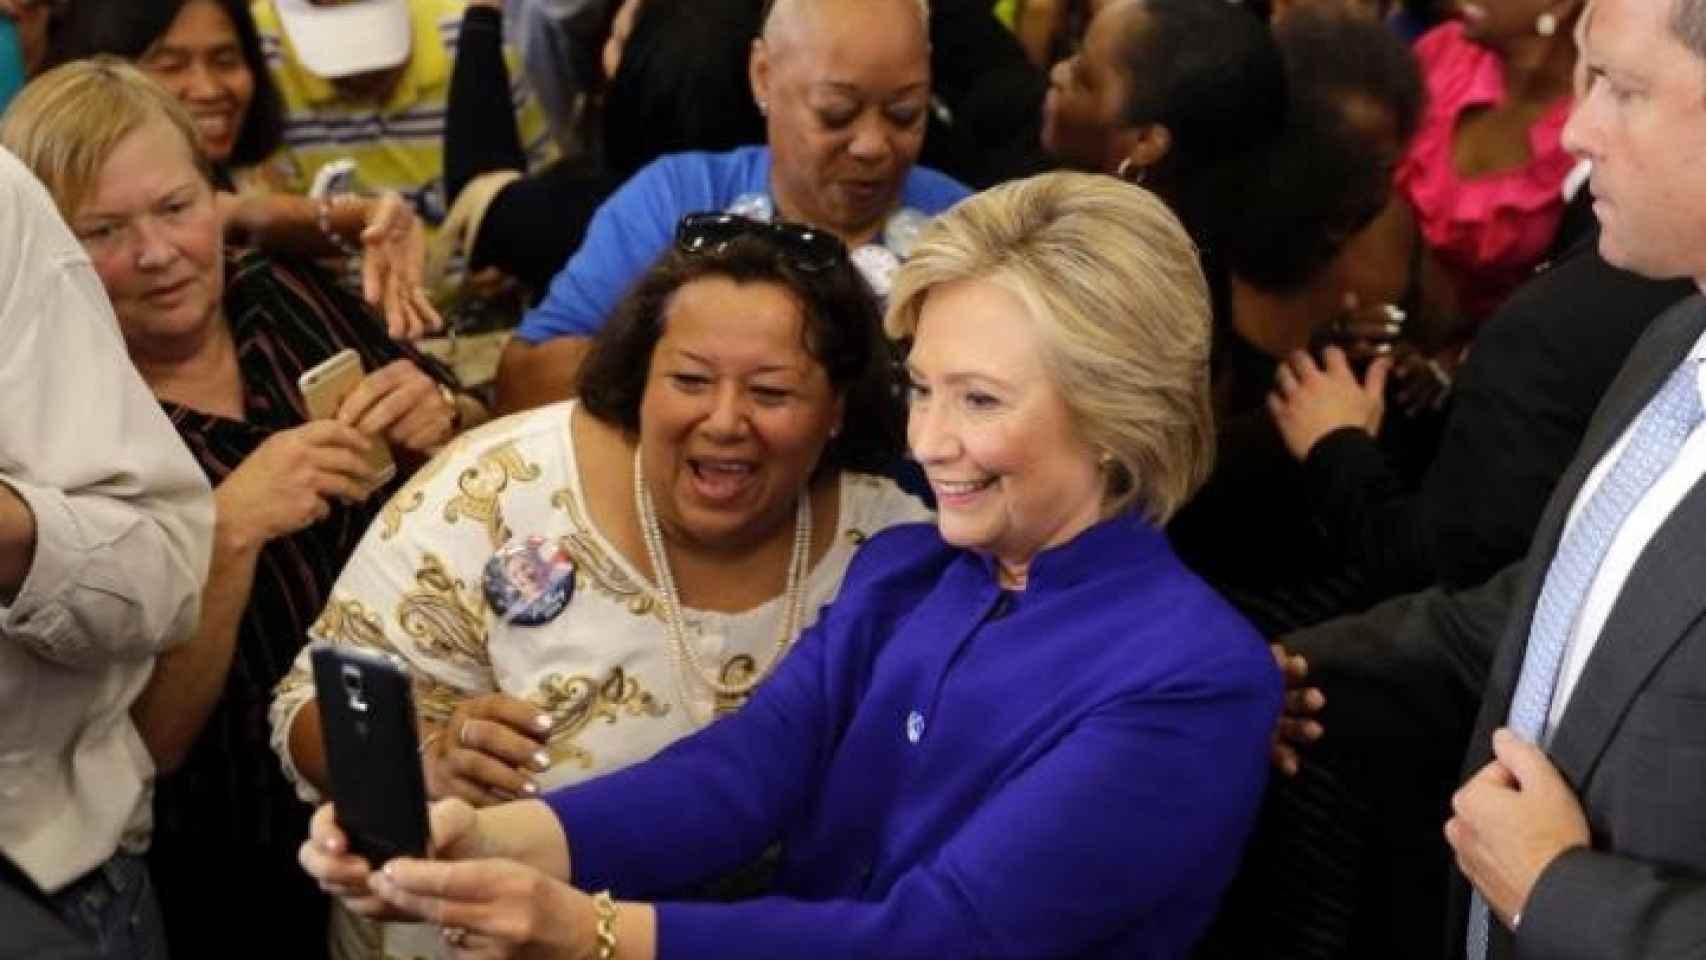 Hillary en plena campaña, se hace una foto junto al público.